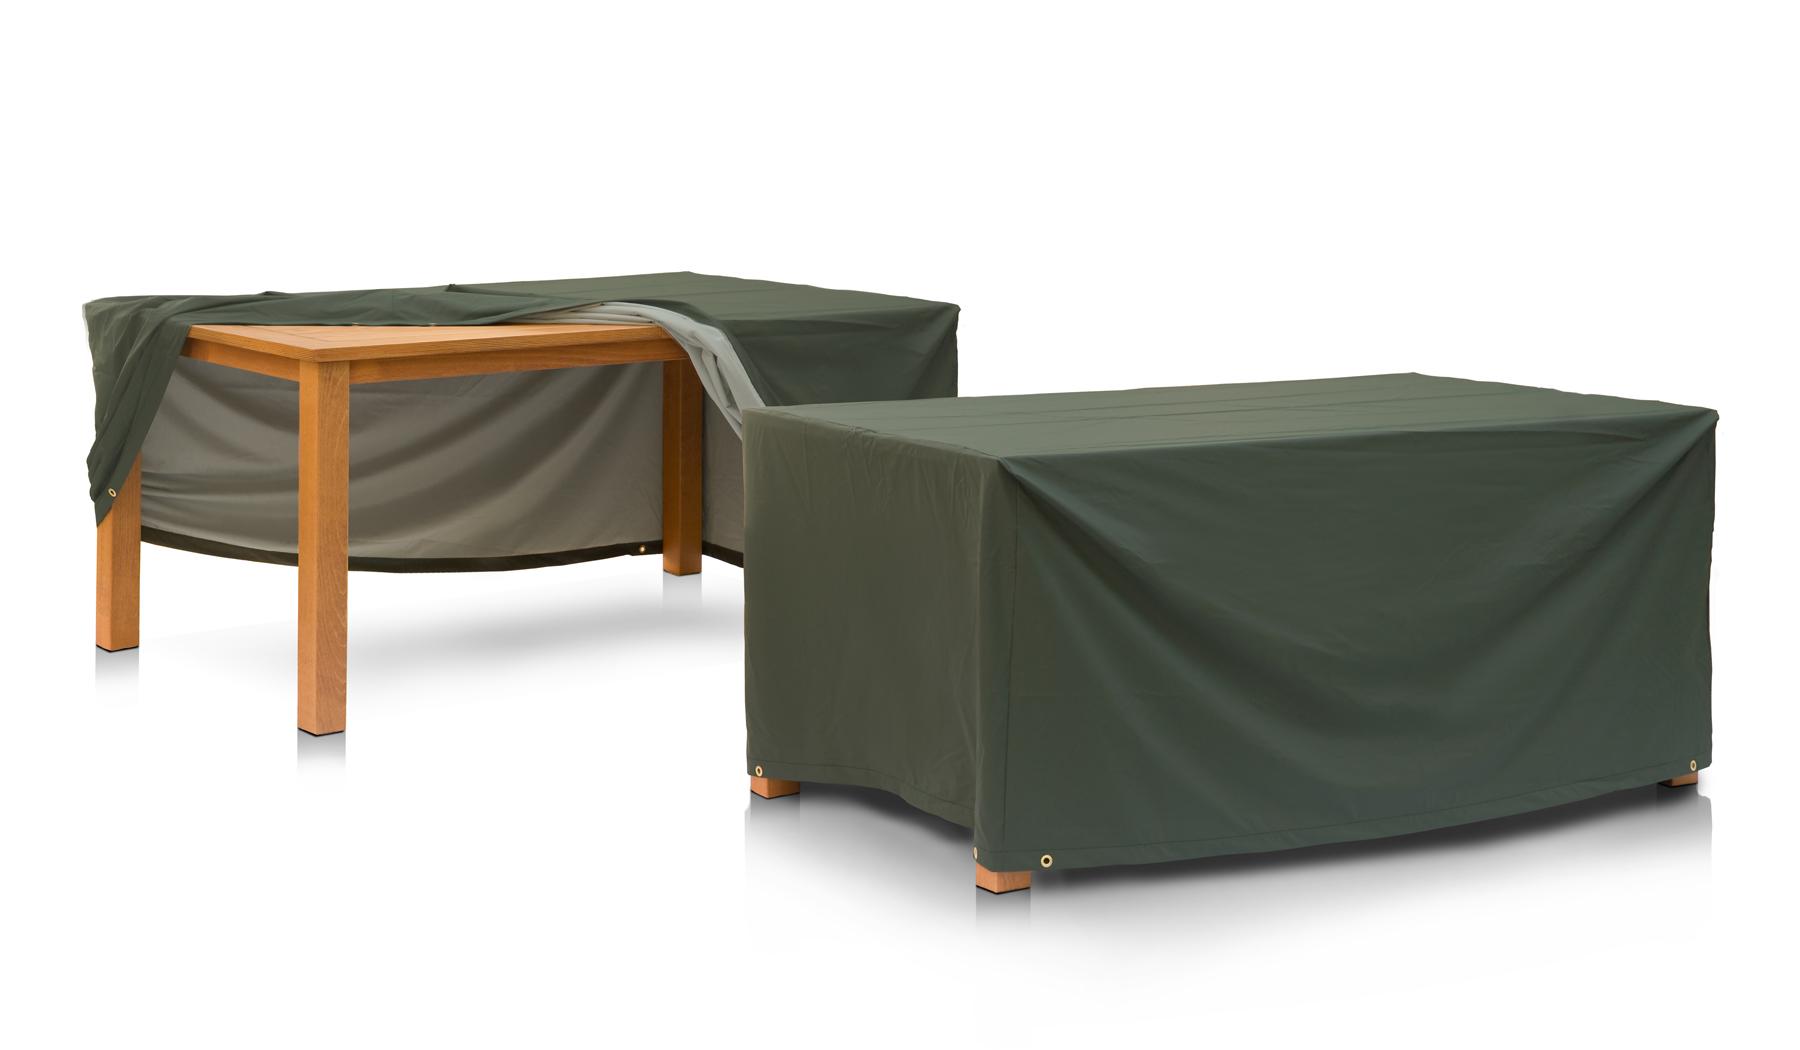 eigbrecht 146128 abdeckhaube schutzh lle mit abhang f r gartentisch 120x80x70cm. Black Bedroom Furniture Sets. Home Design Ideas